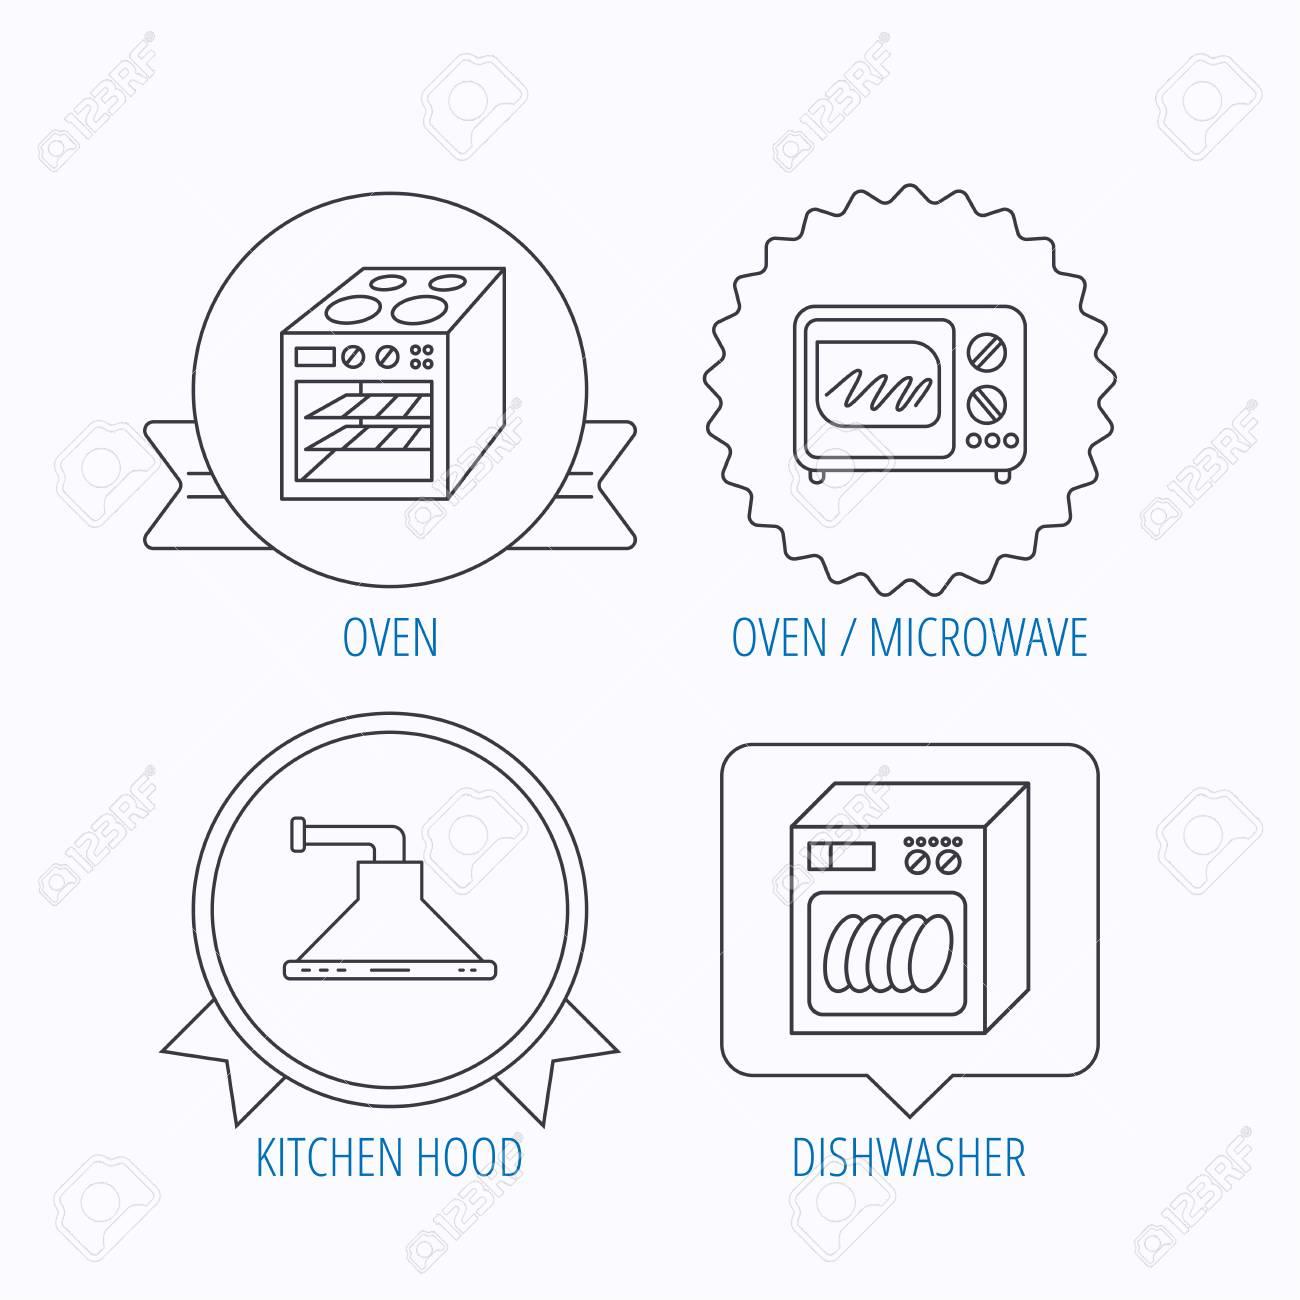 Mikrowelle Geschirrspuler Und Dunstabzugshaube Symbole Ofen